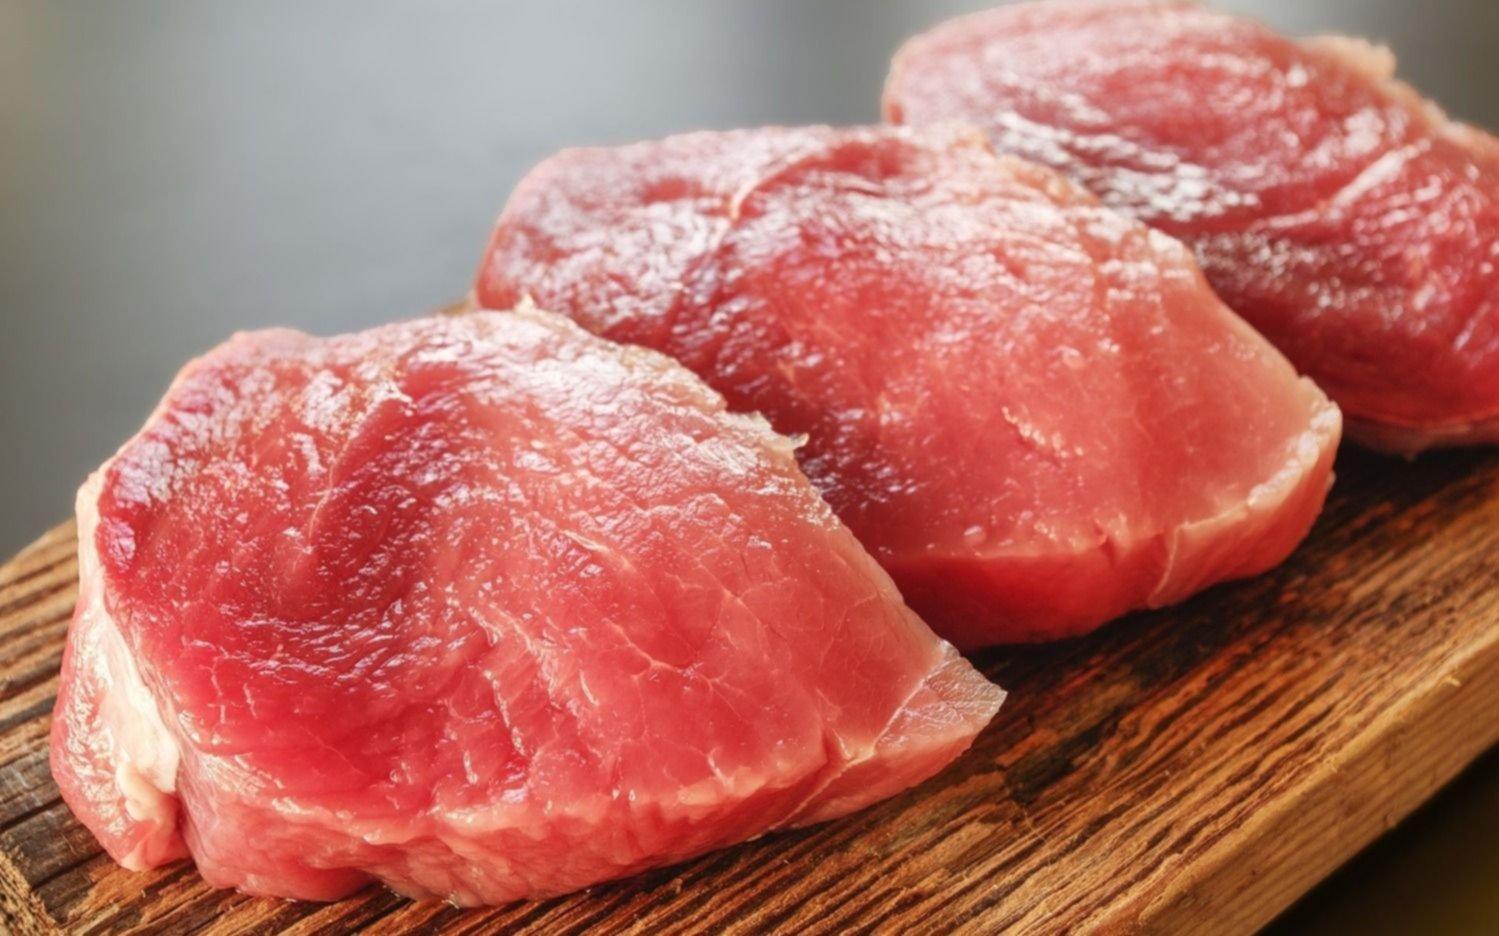 Aseguran que hay poco margen para aumentar el precio de la carne